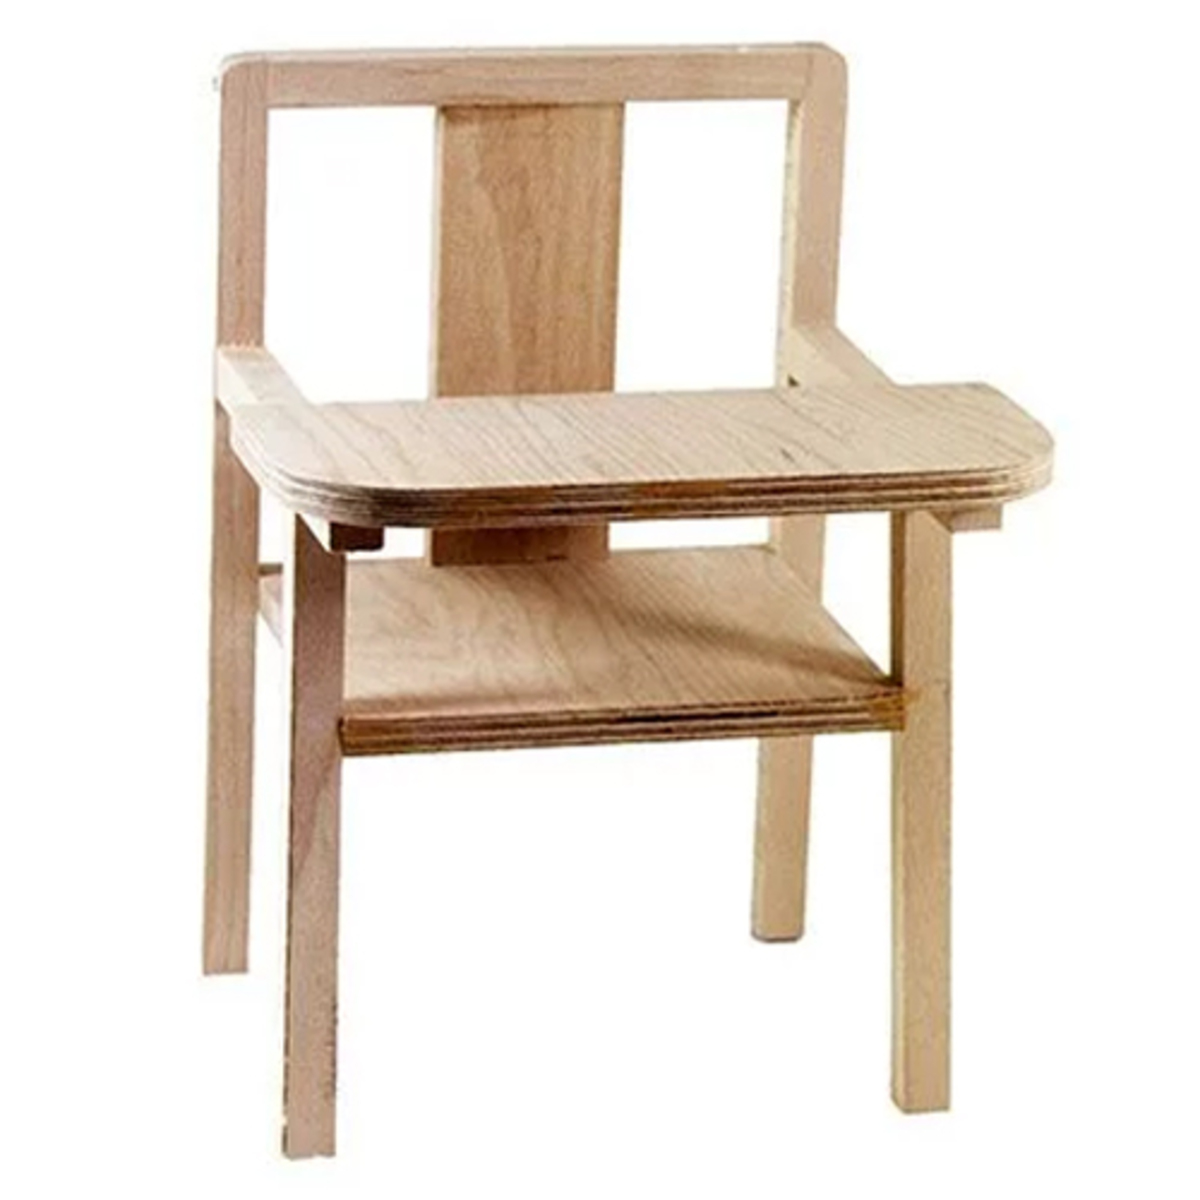 Mes premiers jouets Petite Chaise Haute pour Poupée en Bois Blaise - Naturel Petite Chaise Haute pour Poupée en Bois Blaise - Naturel